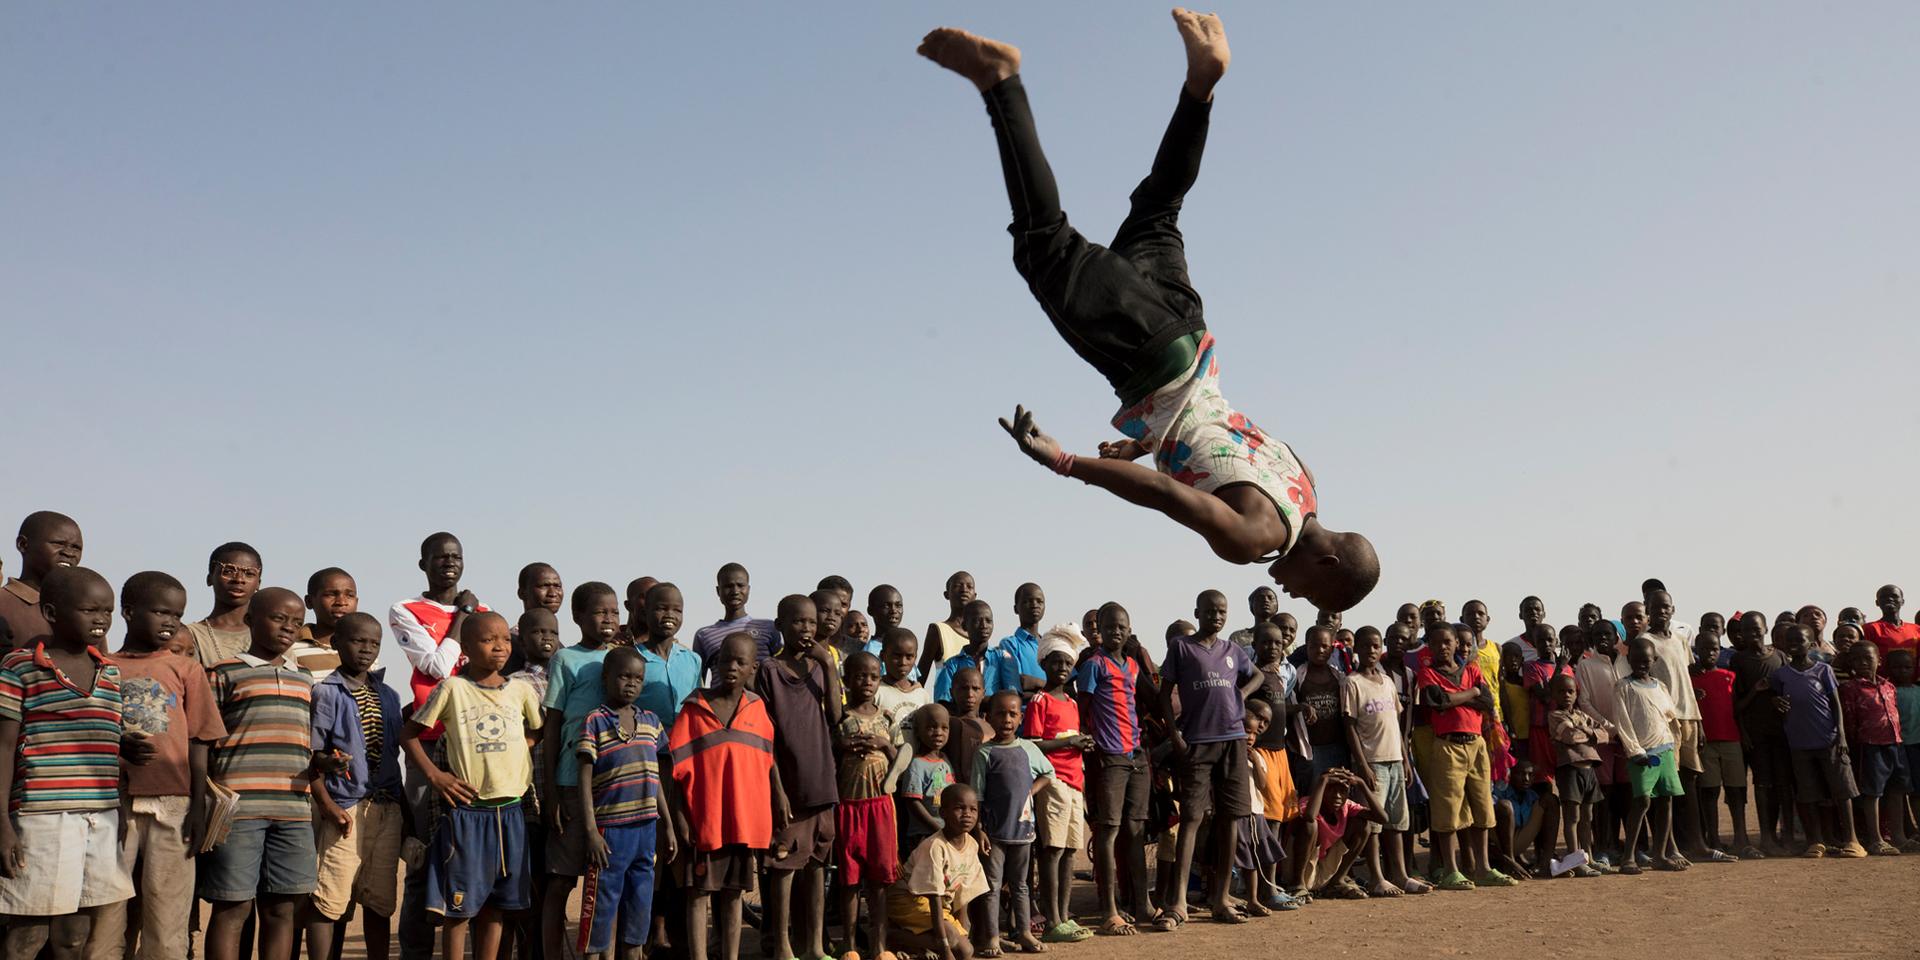 Kakuma-Kenya : lancement d'un concours mondial pour le secteur privé et des projets d'entreprises sociales